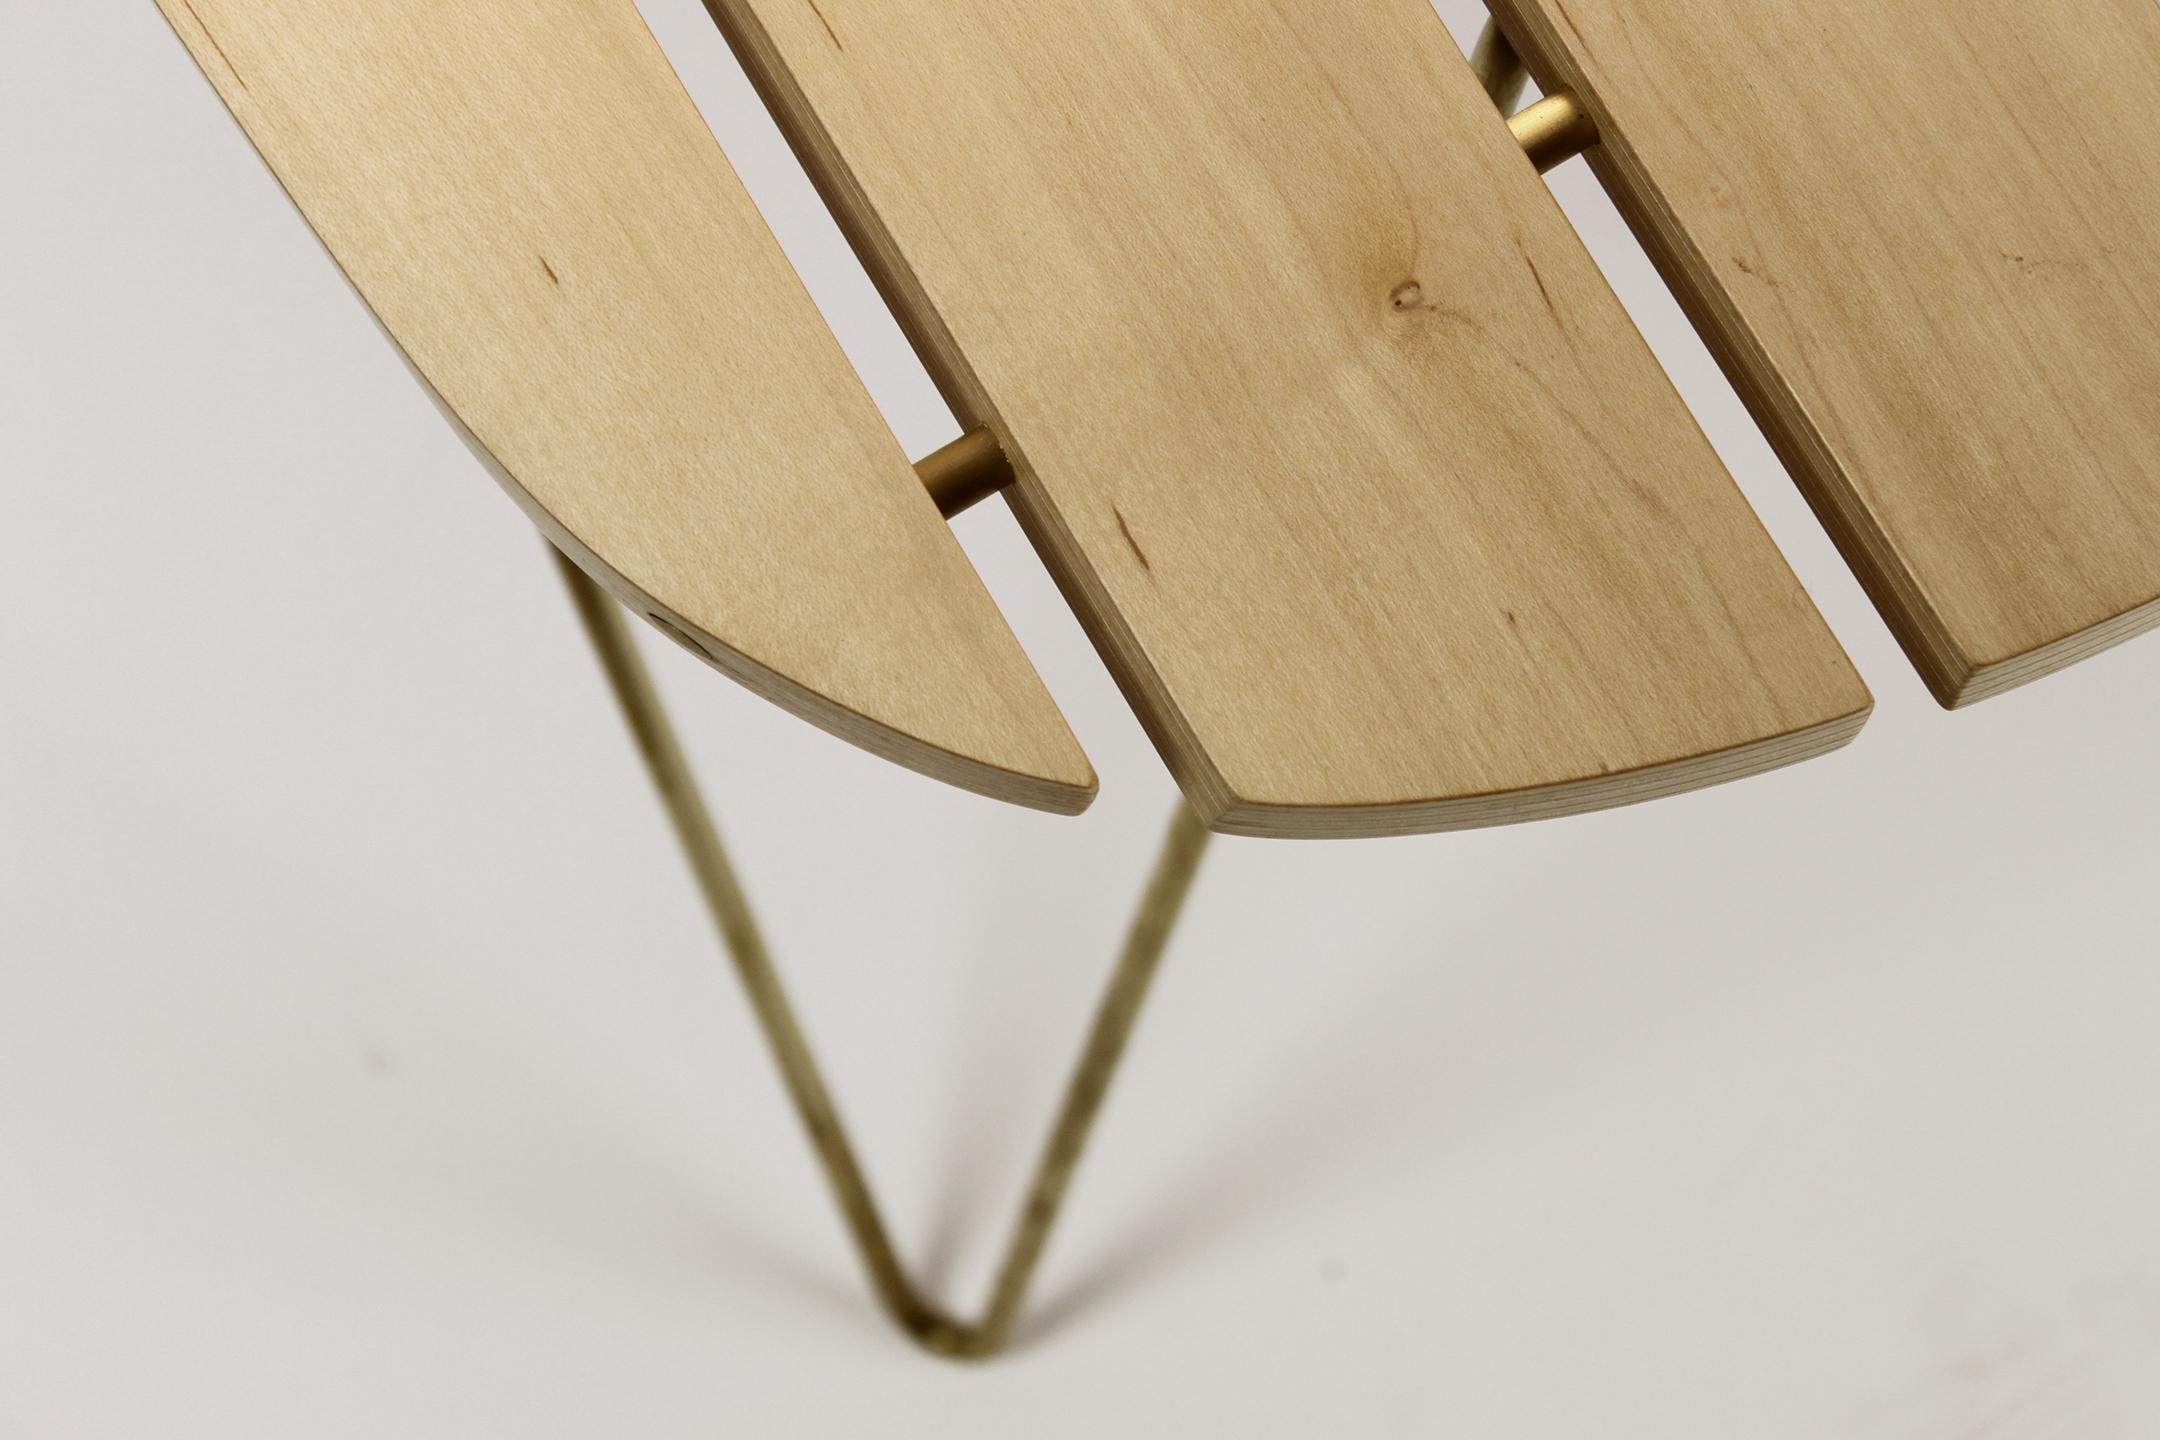 DAWN_table lamp 17_by Dane Saunders.jpg